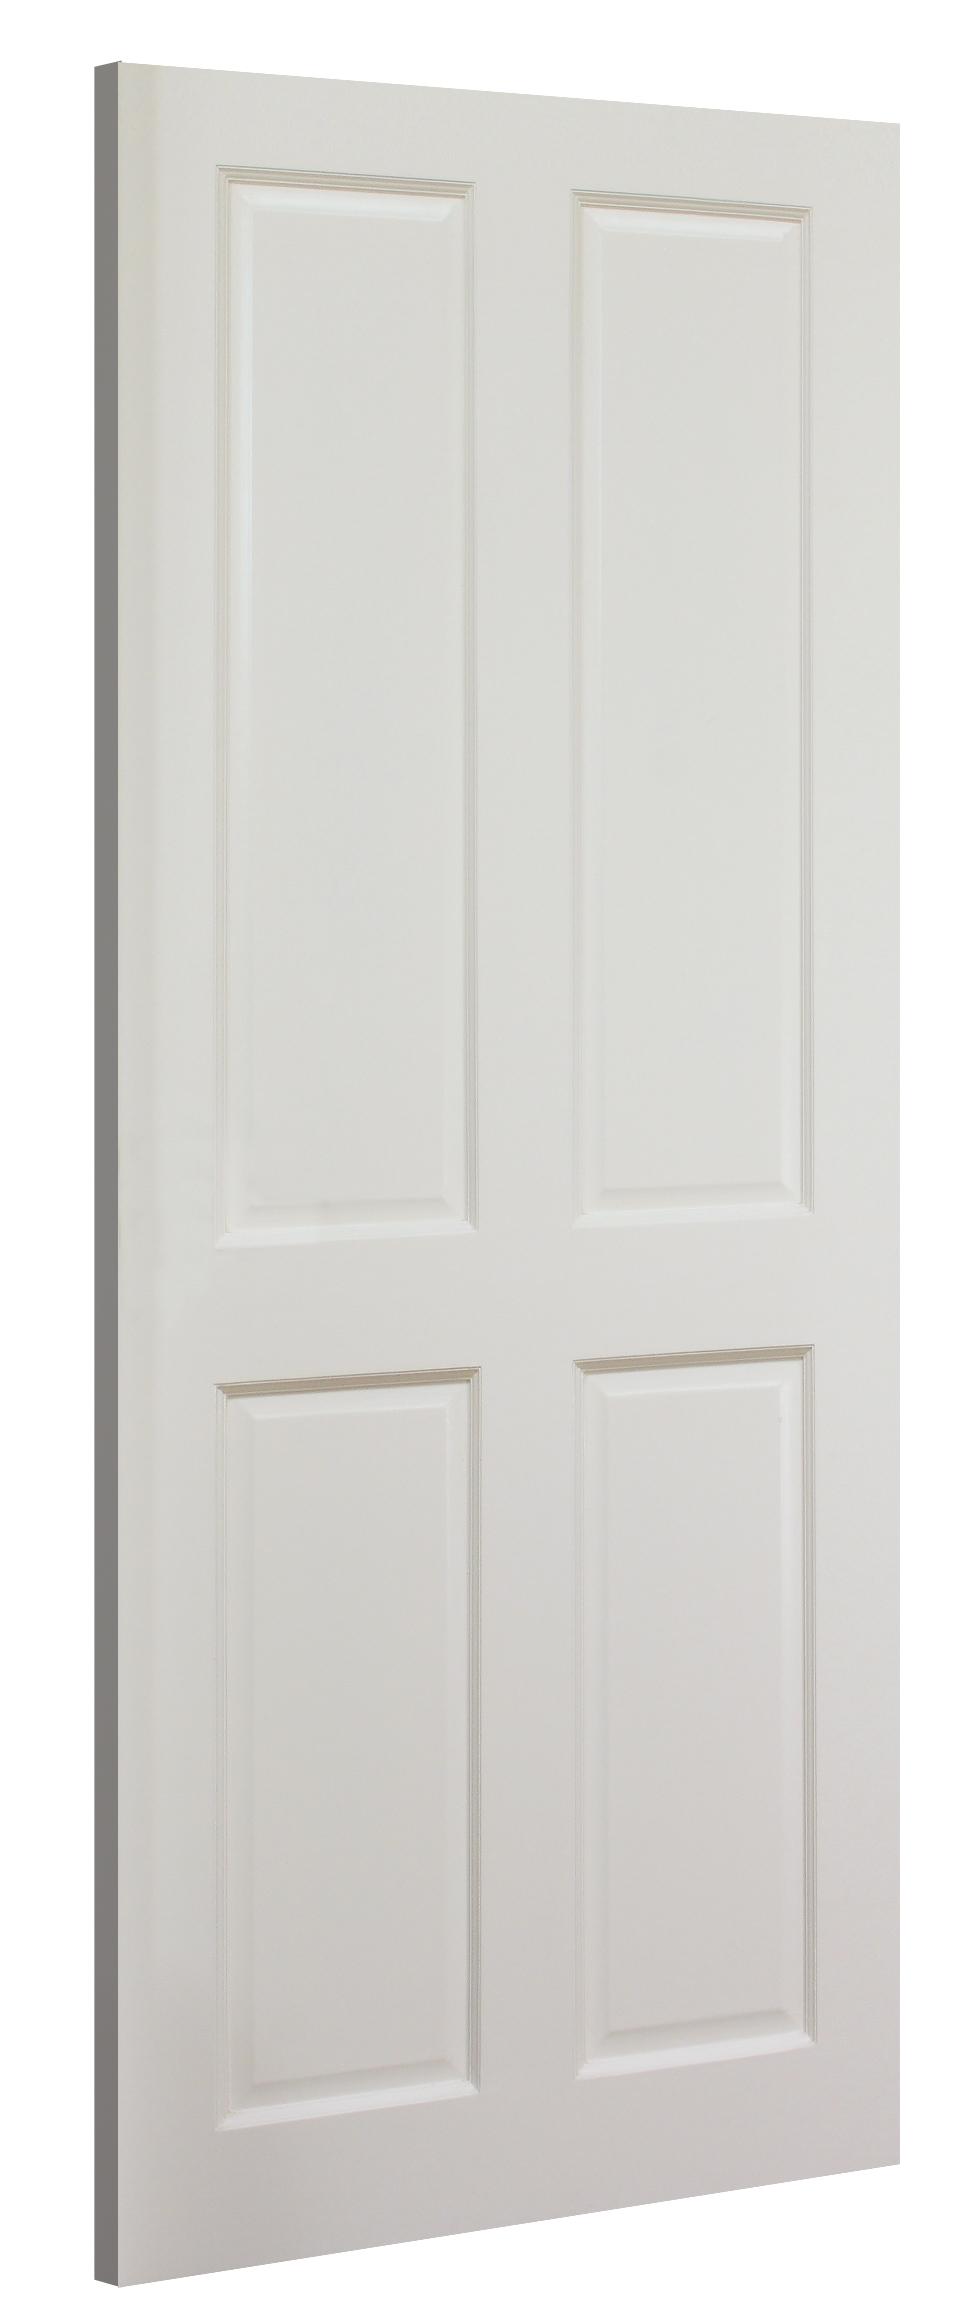 Primed Doors WM4